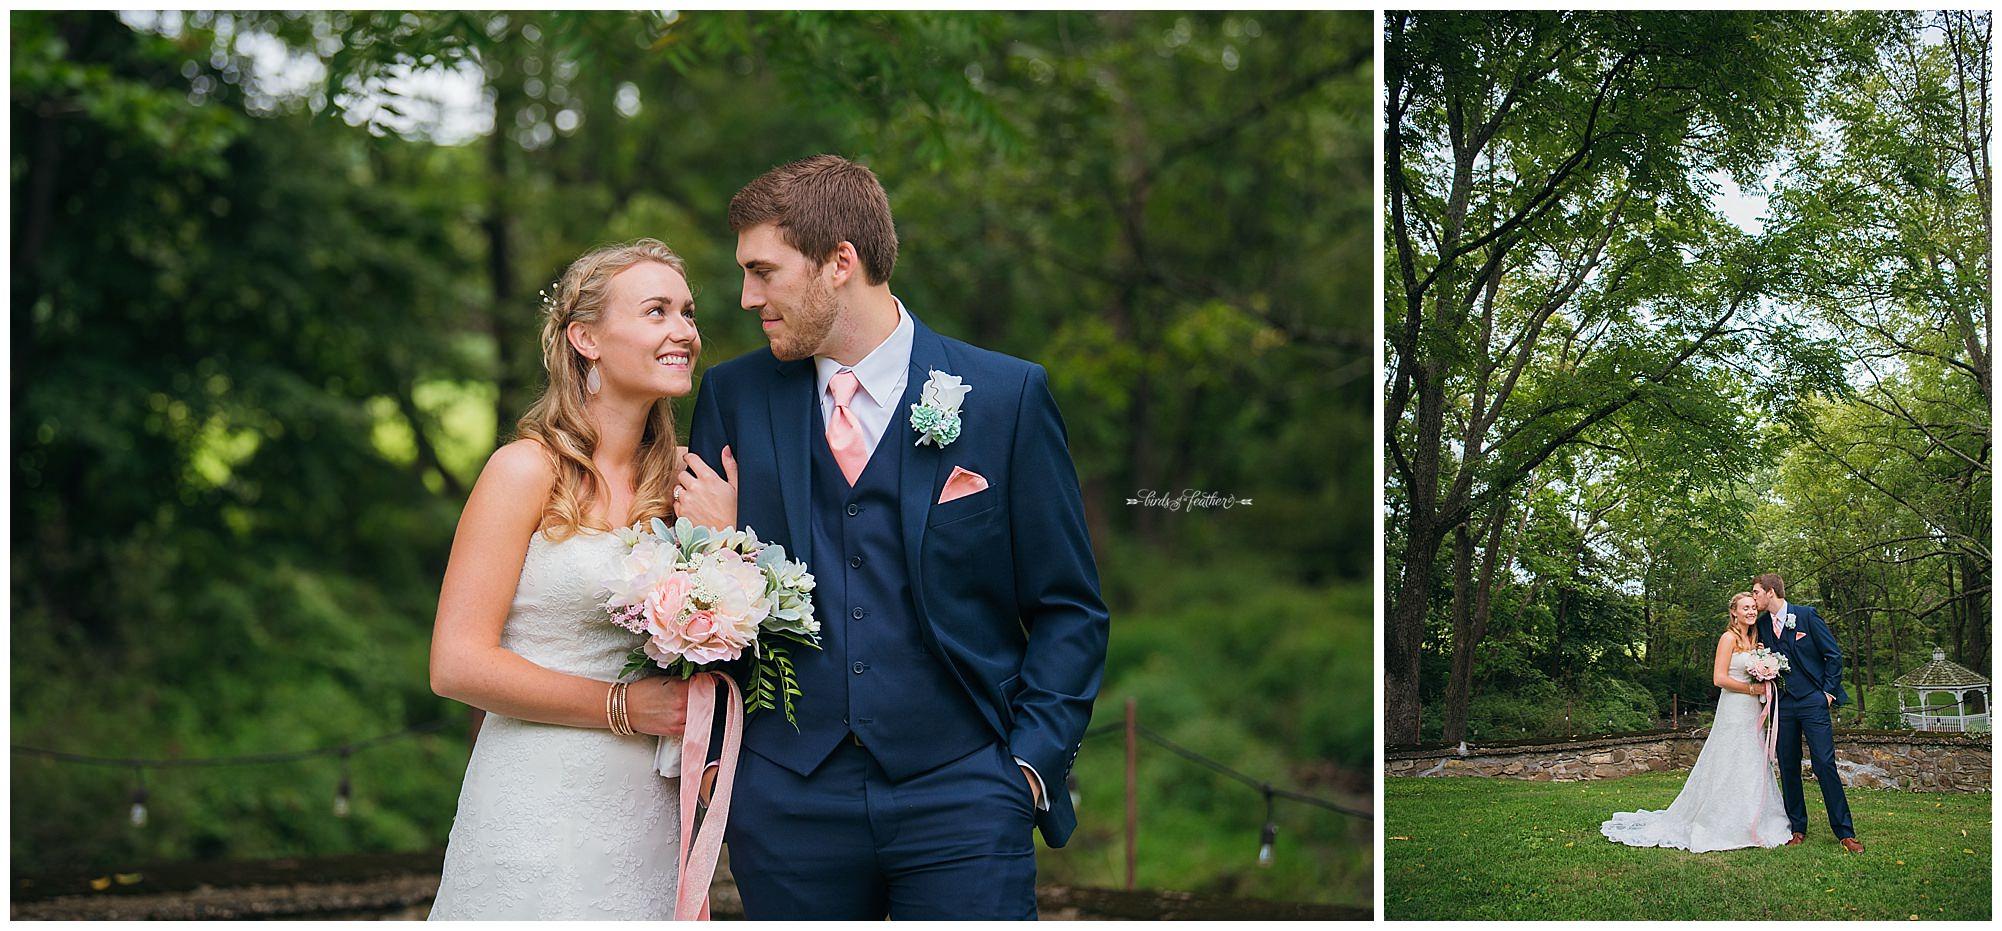 Birds of a Feather Photography Bally Spring Inn Wedding Photographer 10